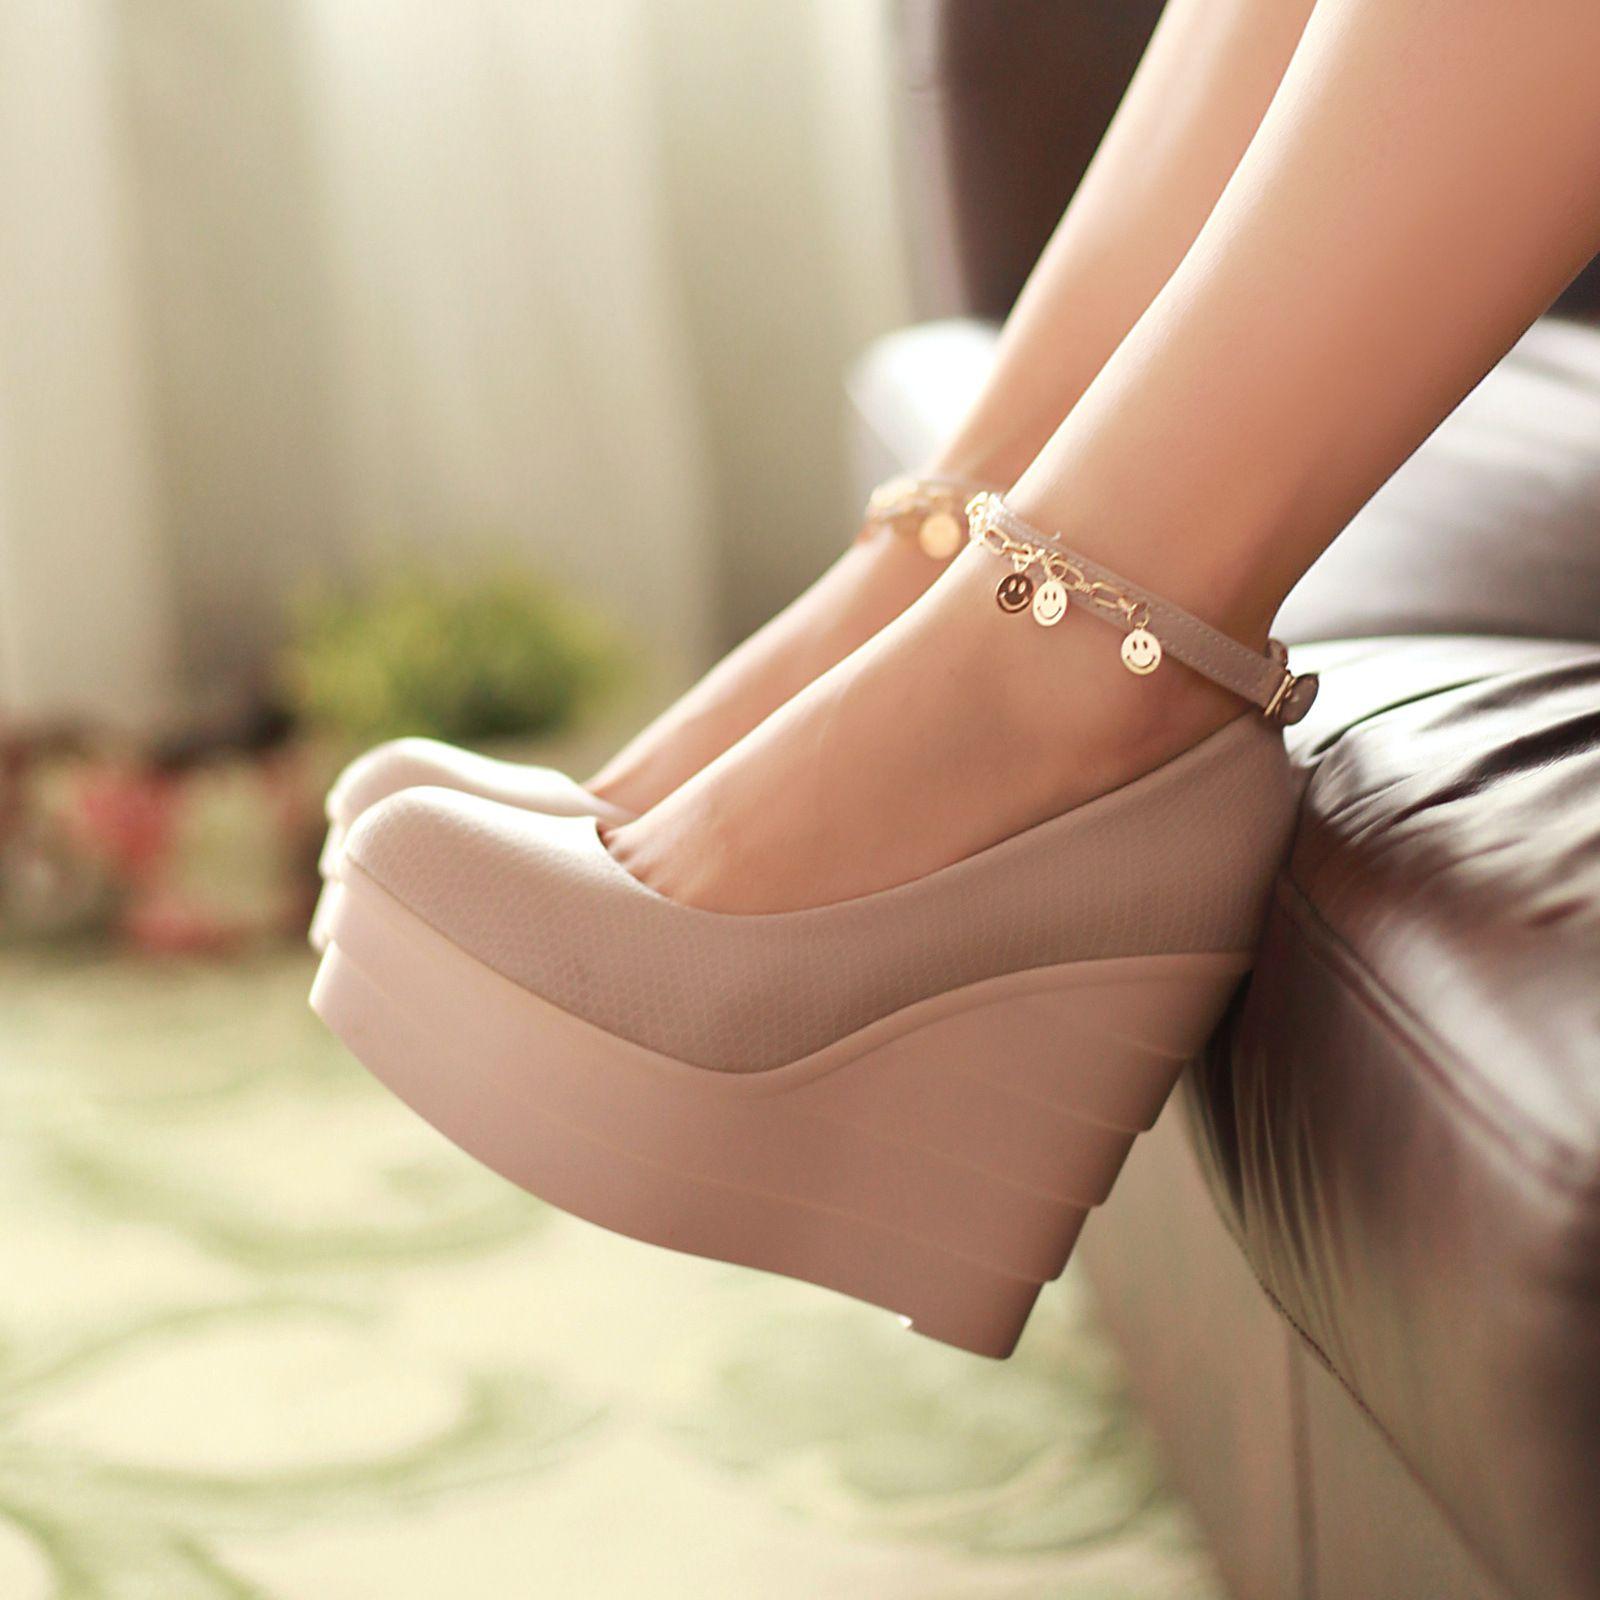 Какую обувь уже не стоит надевать в офис и на что заменить